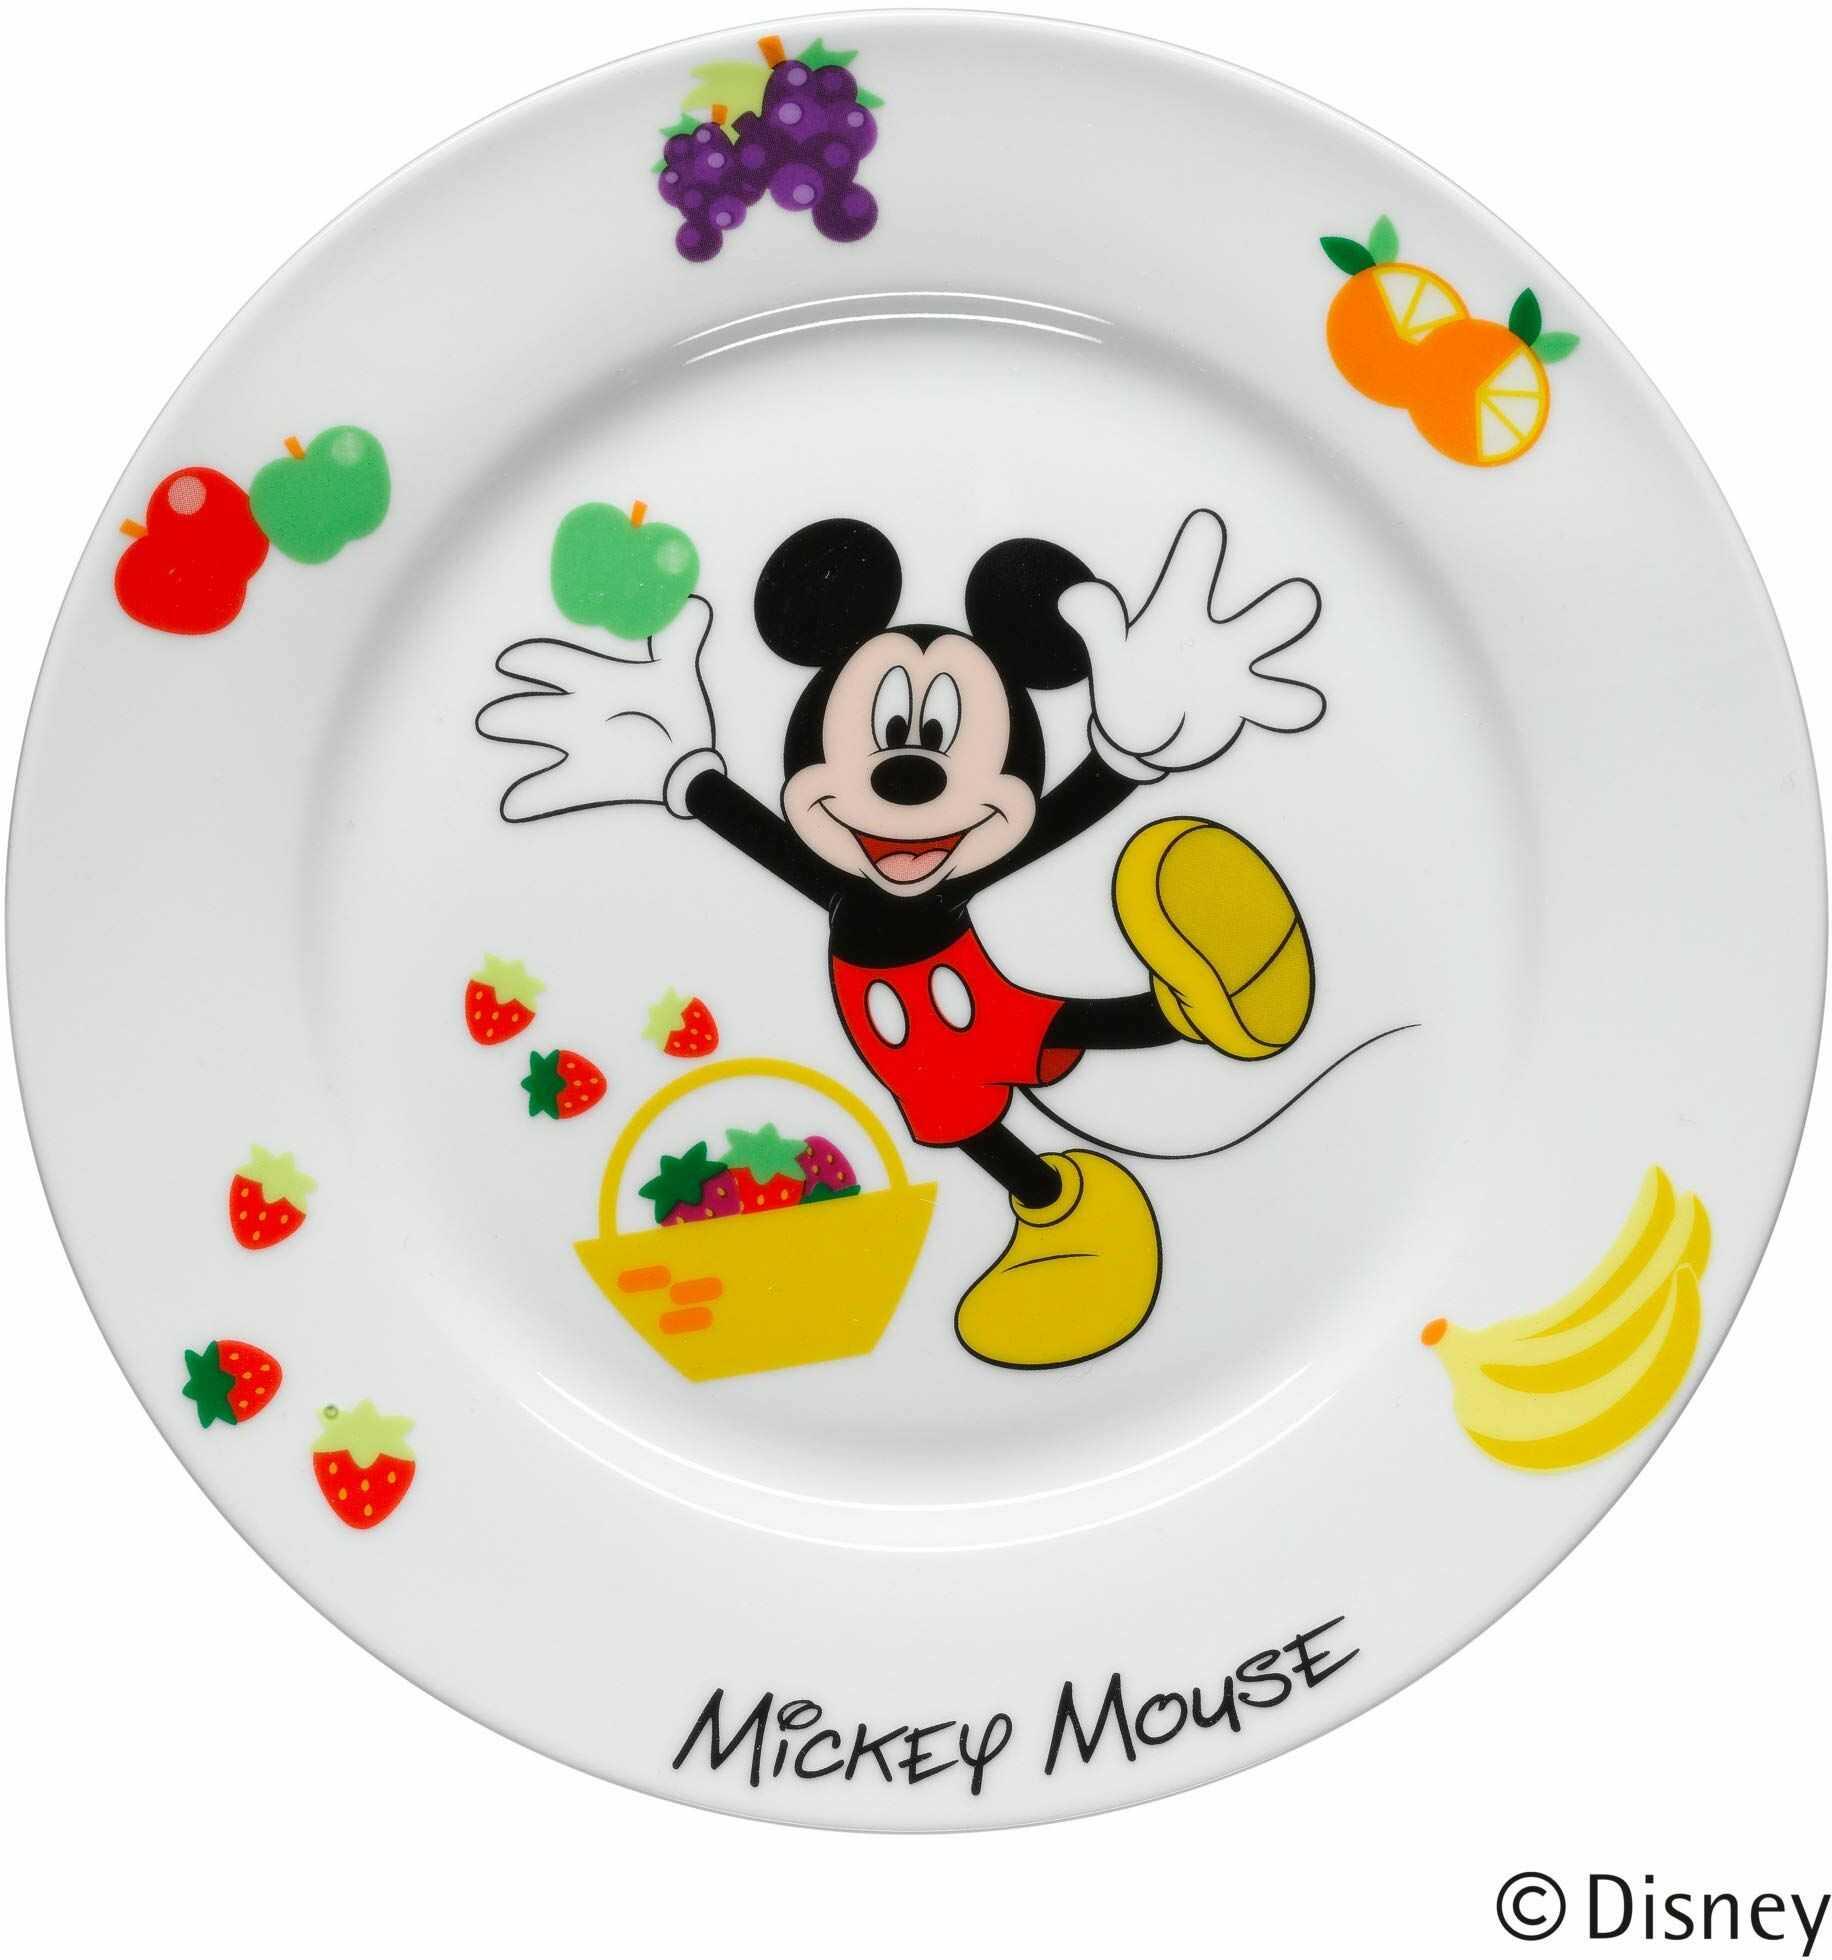 WMF Disney Mickey Mouse naczynia dziecięce, talerzyk dla dzieci, 19,0 cm, porcelana, nadaje się do mycia w zmywarce, nadaje się do kontaktu z żywnością